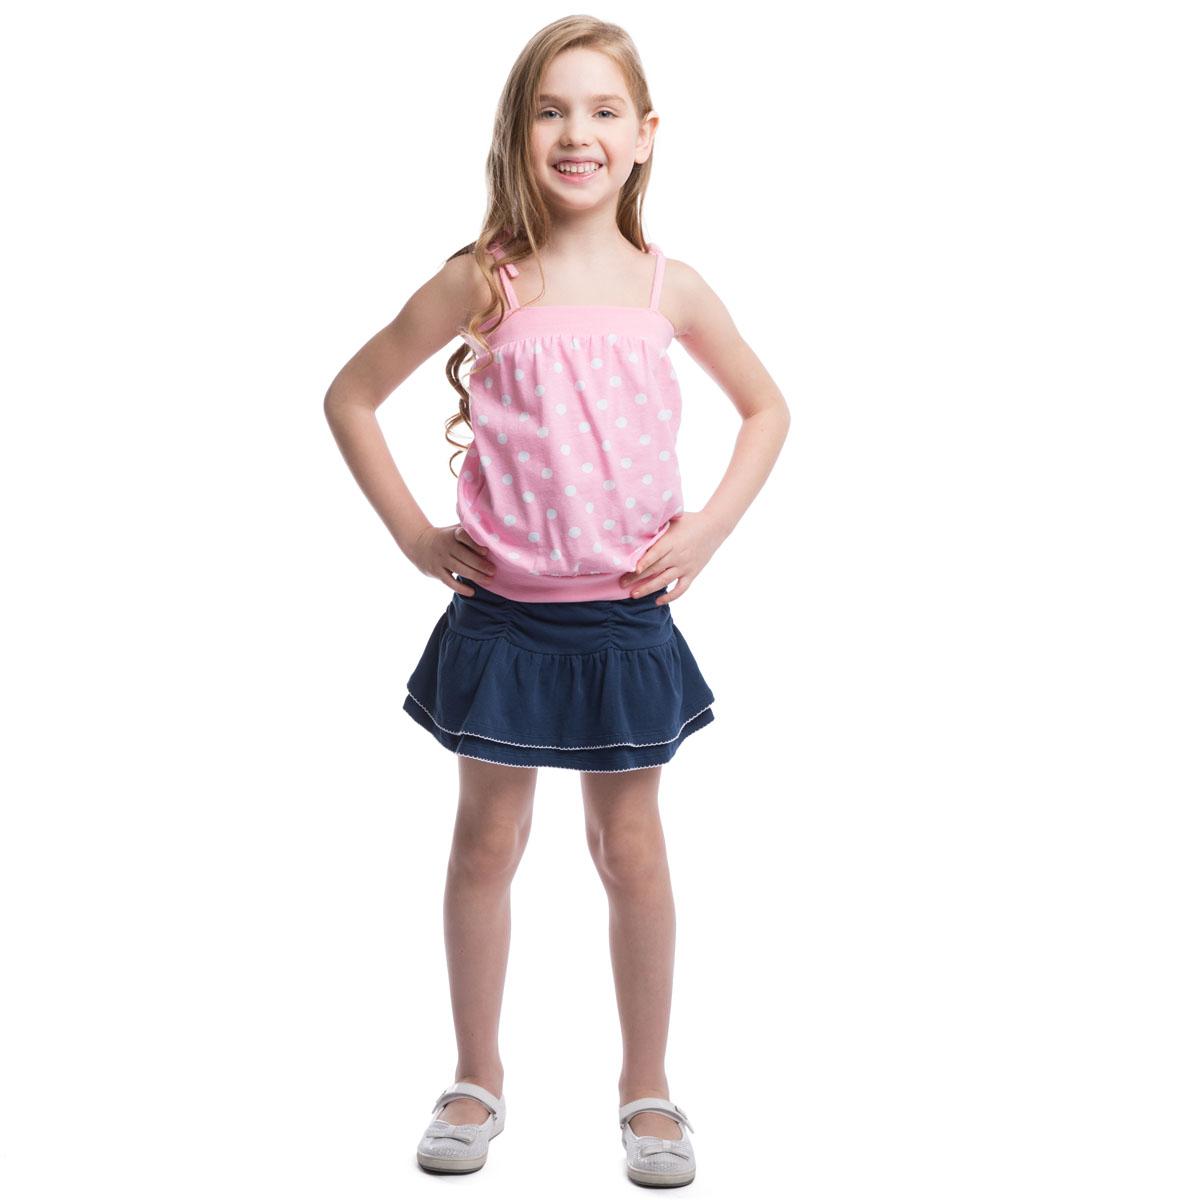 Топ262017Стильный топ для девочки PlayToday идеально подойдет вашей моднице и станет прекрасным вариантом для жаркого летнего дня. Изготовленный из эластичного хлопка, он мягкий и приятный на ощупь, не сковывает движения и позволяет коже дышать, не раздражает даже самую нежную и чувствительную кожу ребенка, обеспечивая наибольший комфорт. Топ на тонких бретелях-завязках оформлен принтом в горох. Верх и низ изделия дополнены широкими эластичными резинками. В таком топе ваша принцесса будет чувствовать себя уютно и комфортно и всегда будет в центре внимания!